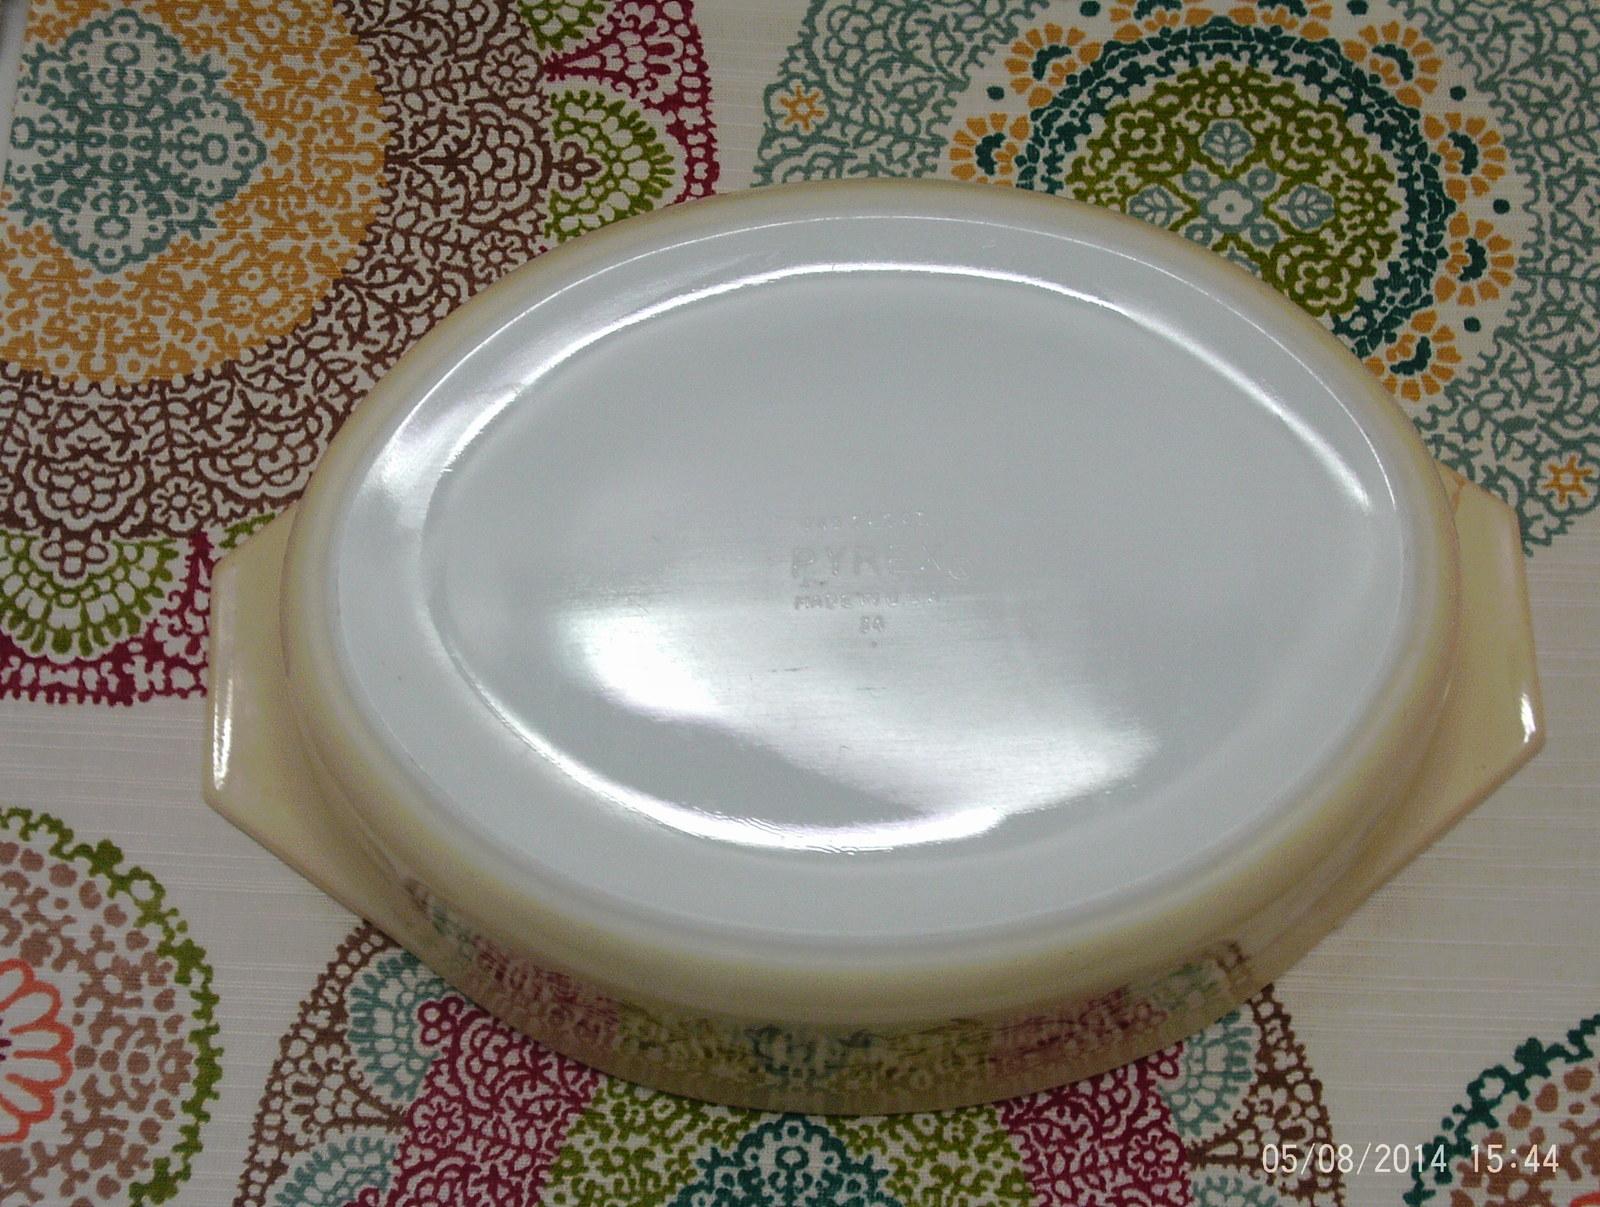 Vintage Pyrex Gold Casserole #95 2-1/2 Quart Promotional Casserole Dish